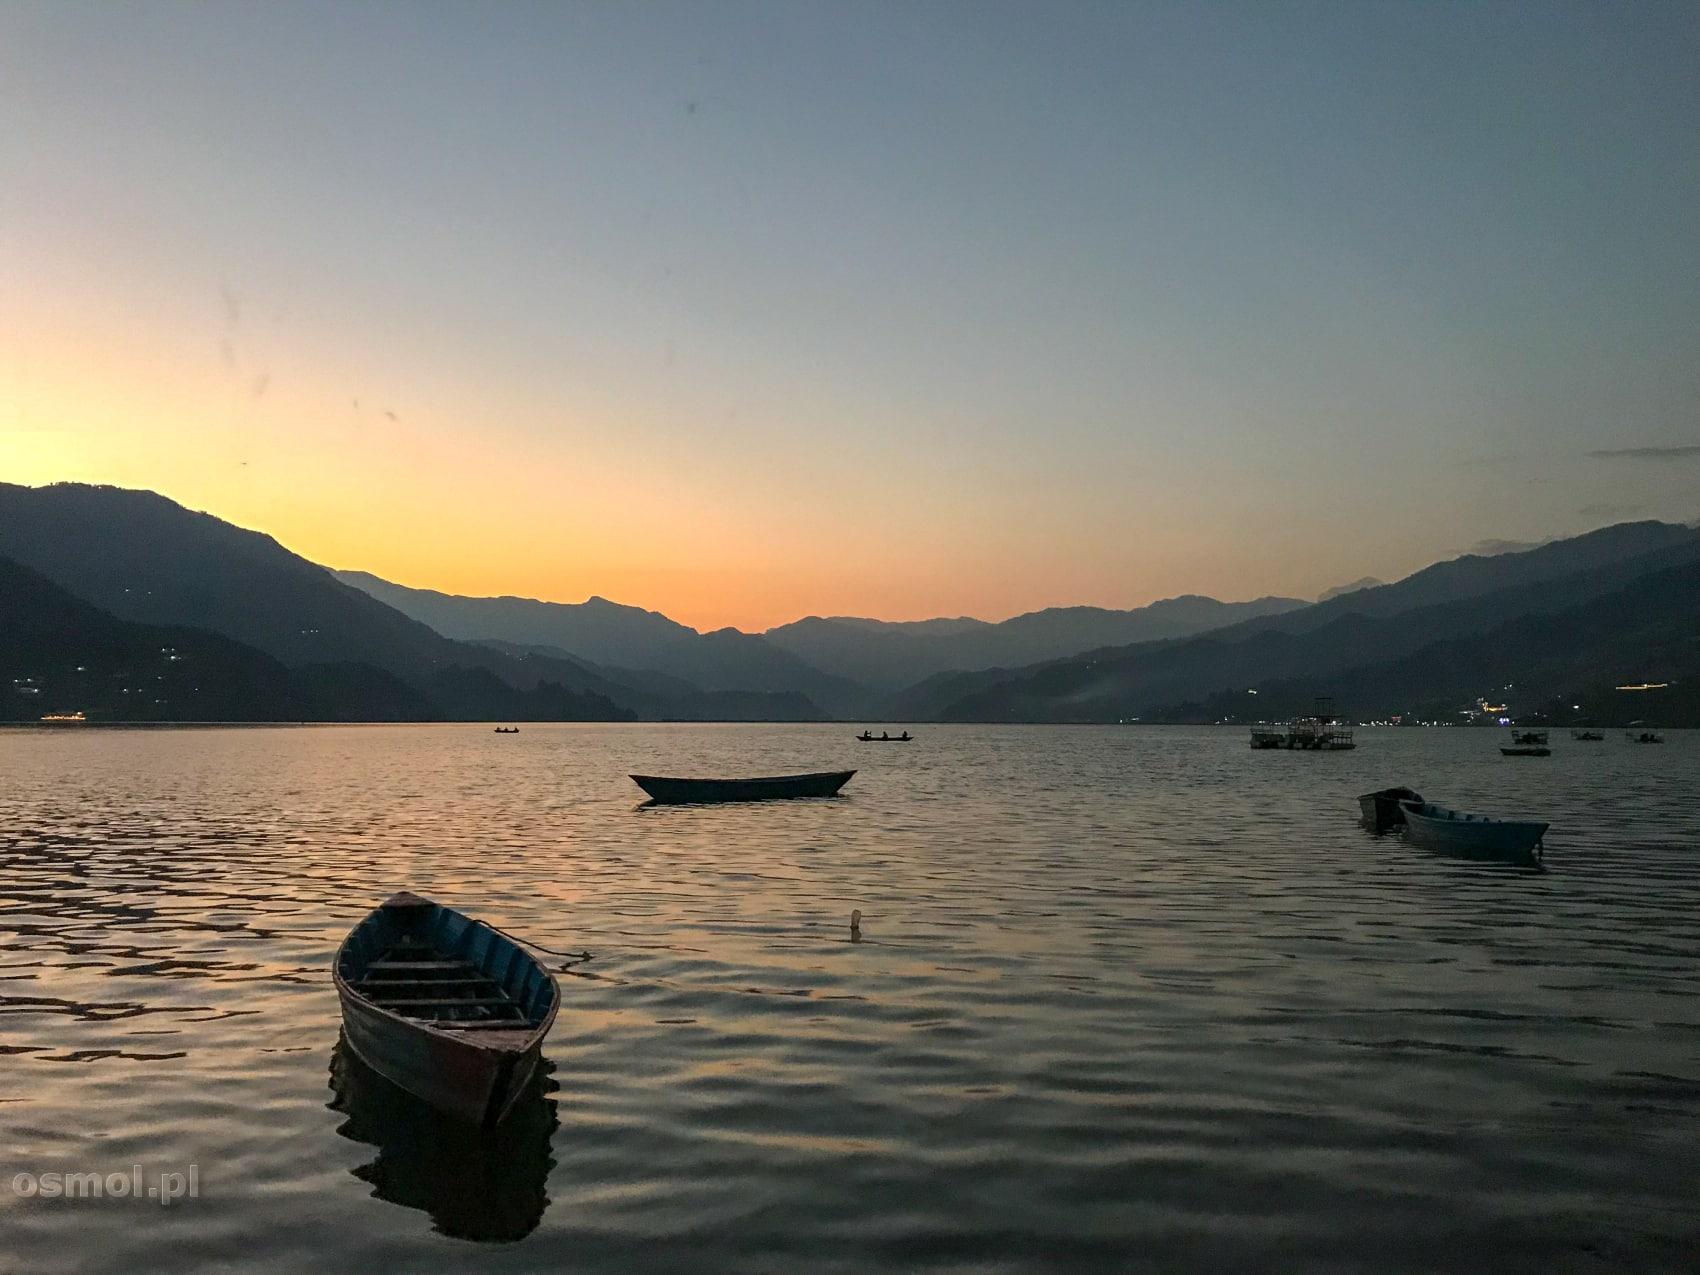 Zachód słońca nad jeziorem Fewa